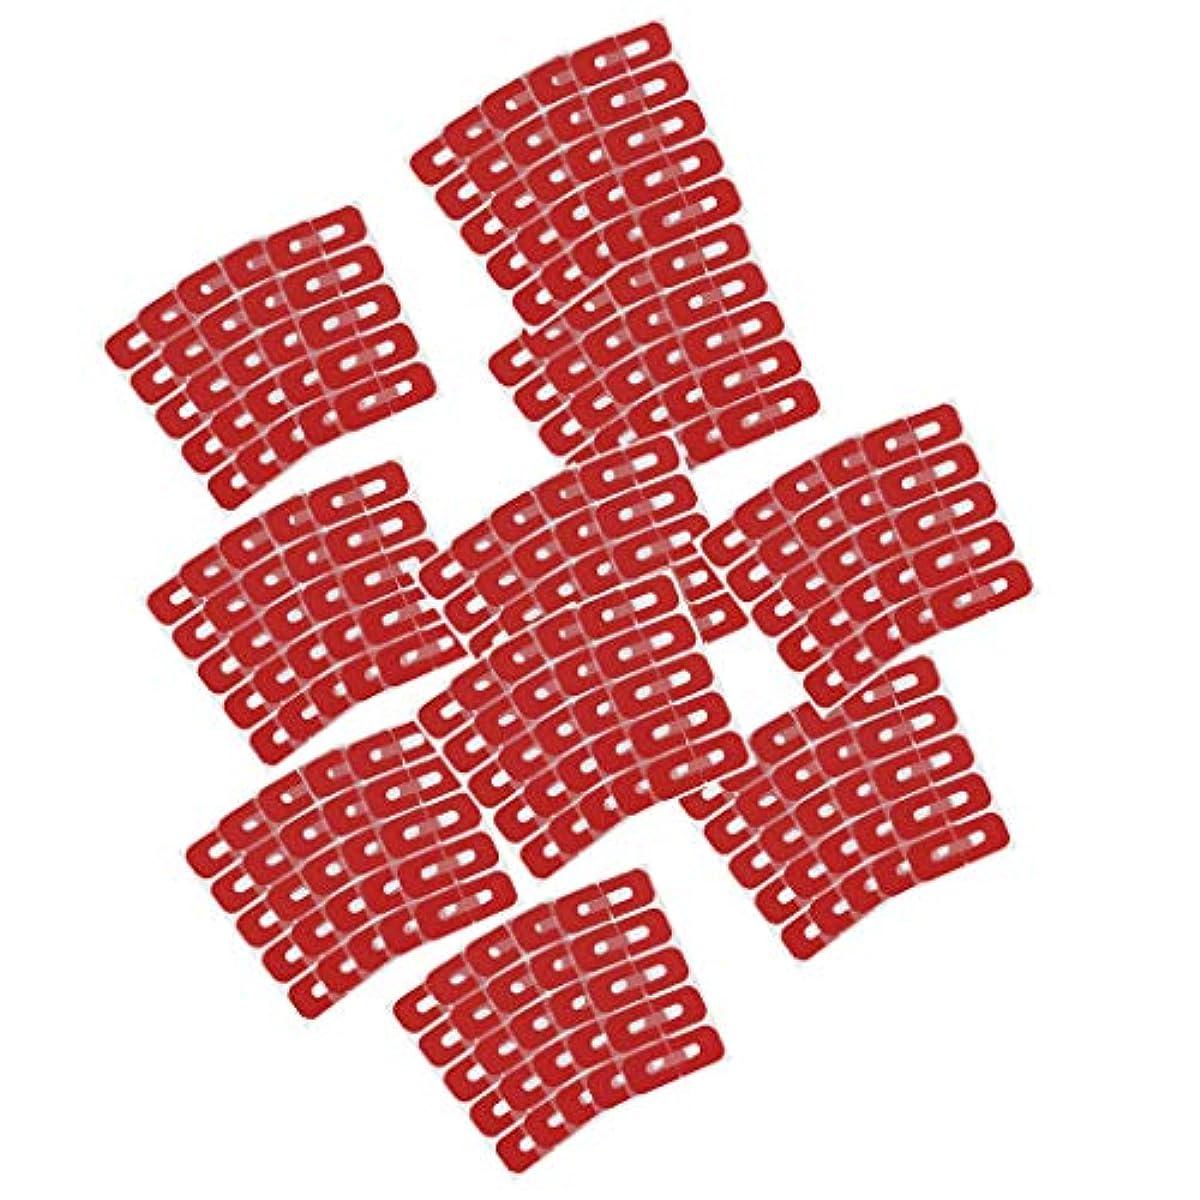 計算可能シルク電気的ネイルカバー はみ出し防止 剥離テープ 流出防止 ネイル プロテクター カバー 全50点セット